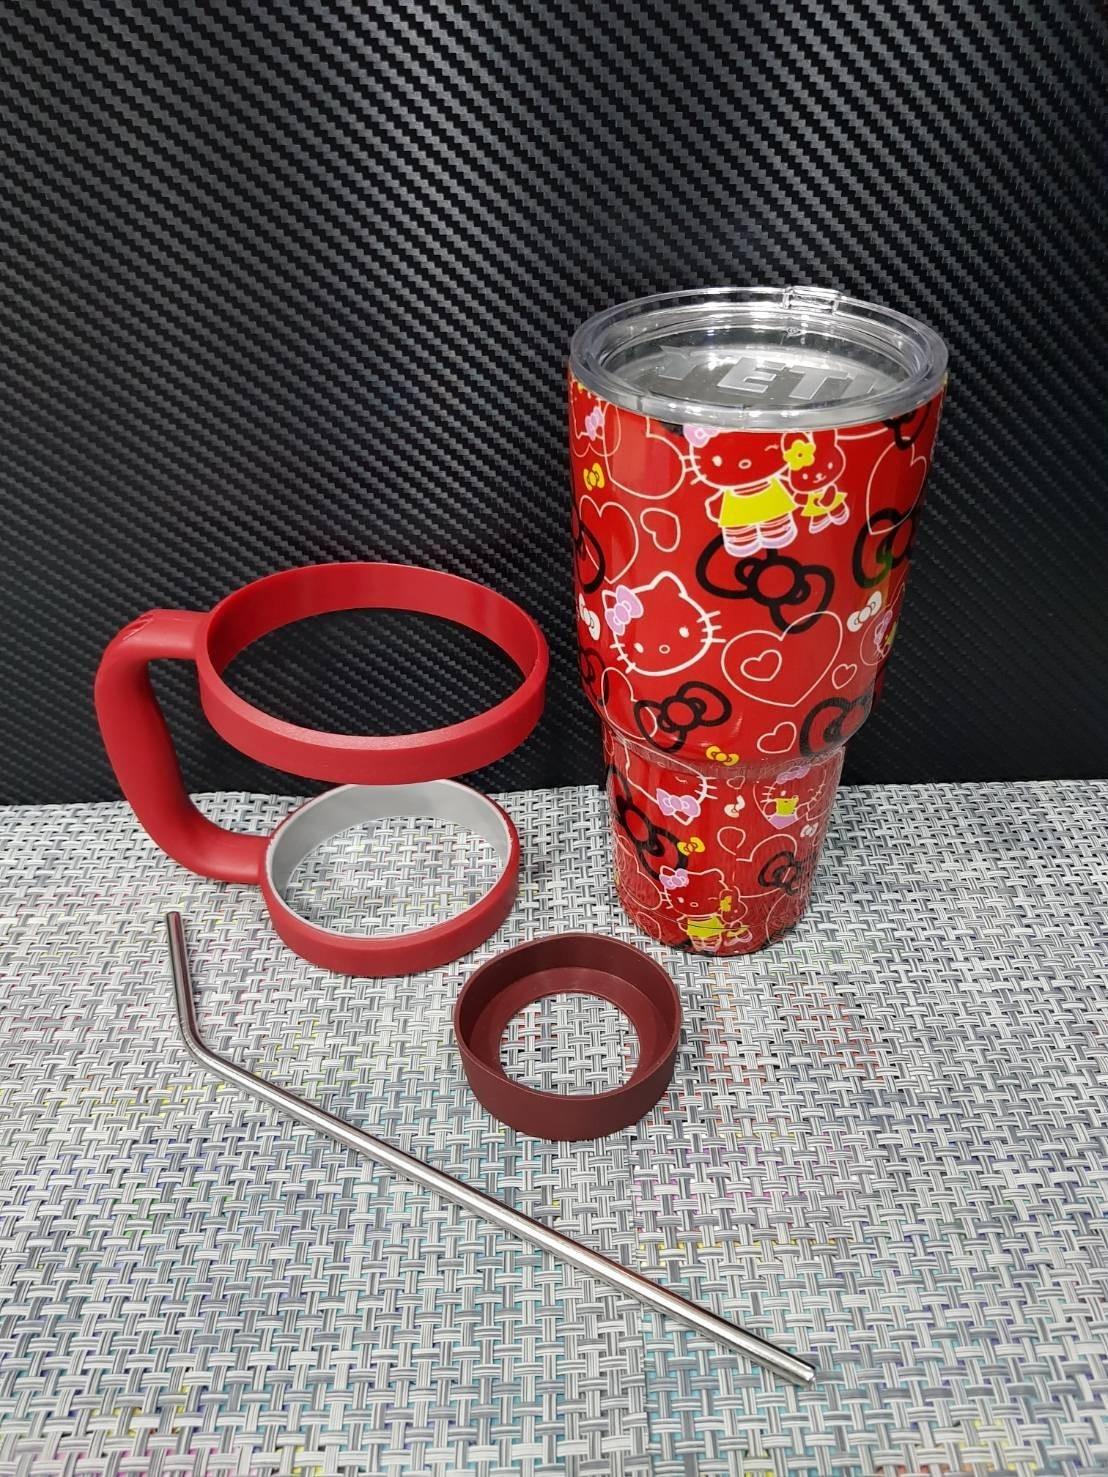 ชุดแก้วเยติ 30 ออนซ์ พื้นสีแดง ลาย คิตตี้